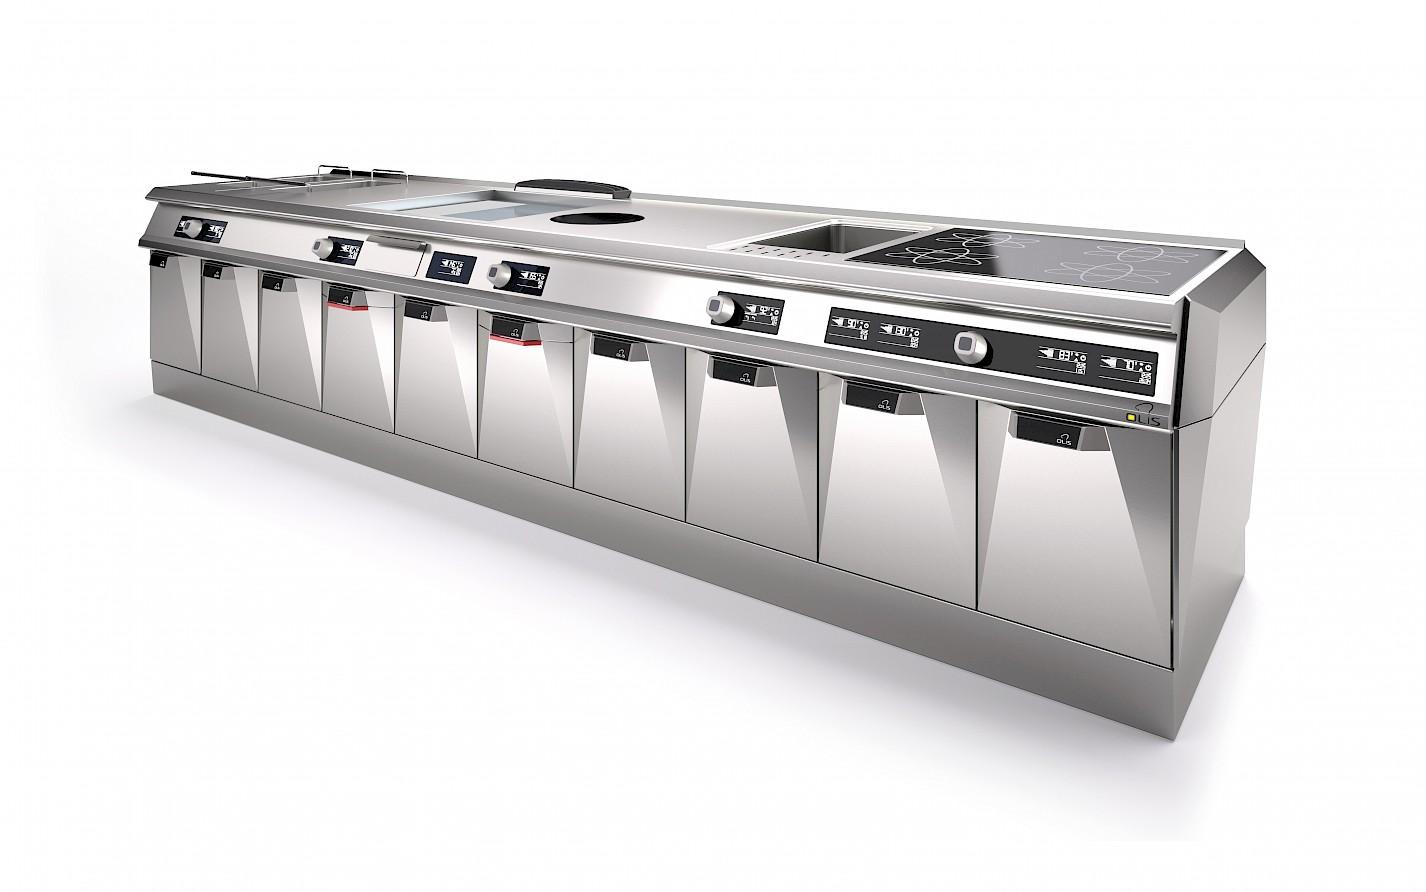 Kochtechnik Serie 900